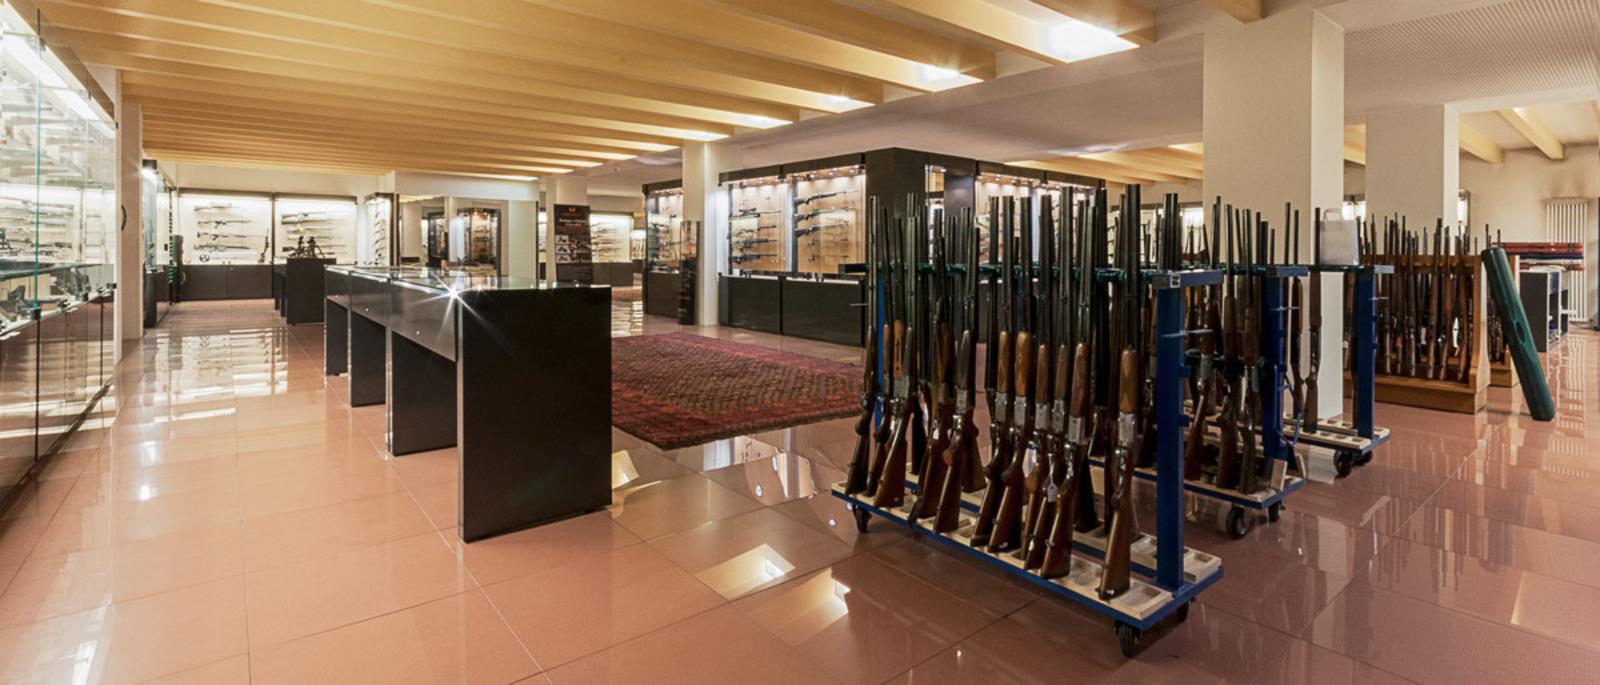 Sala con fucili e pistole esposte al pubblico